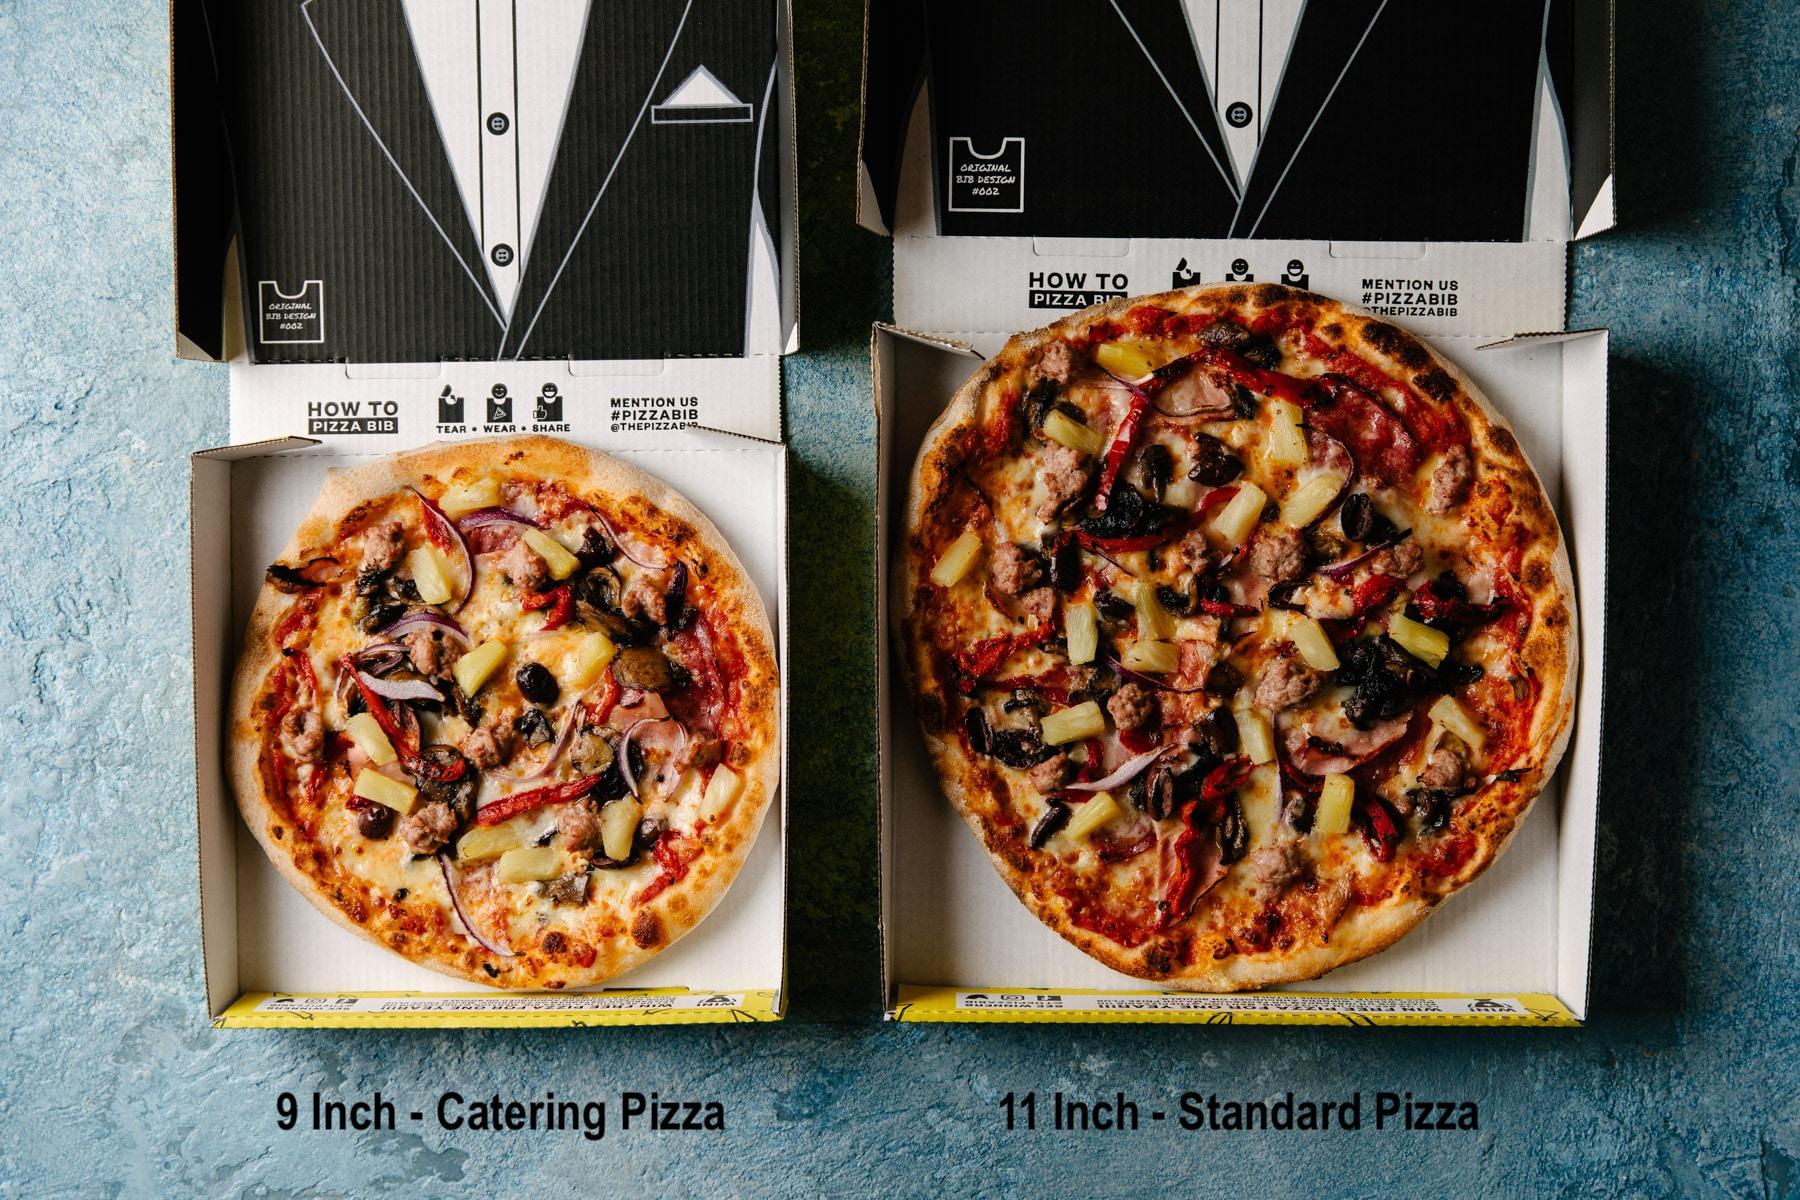 9 inch pizza 11 inch pizza